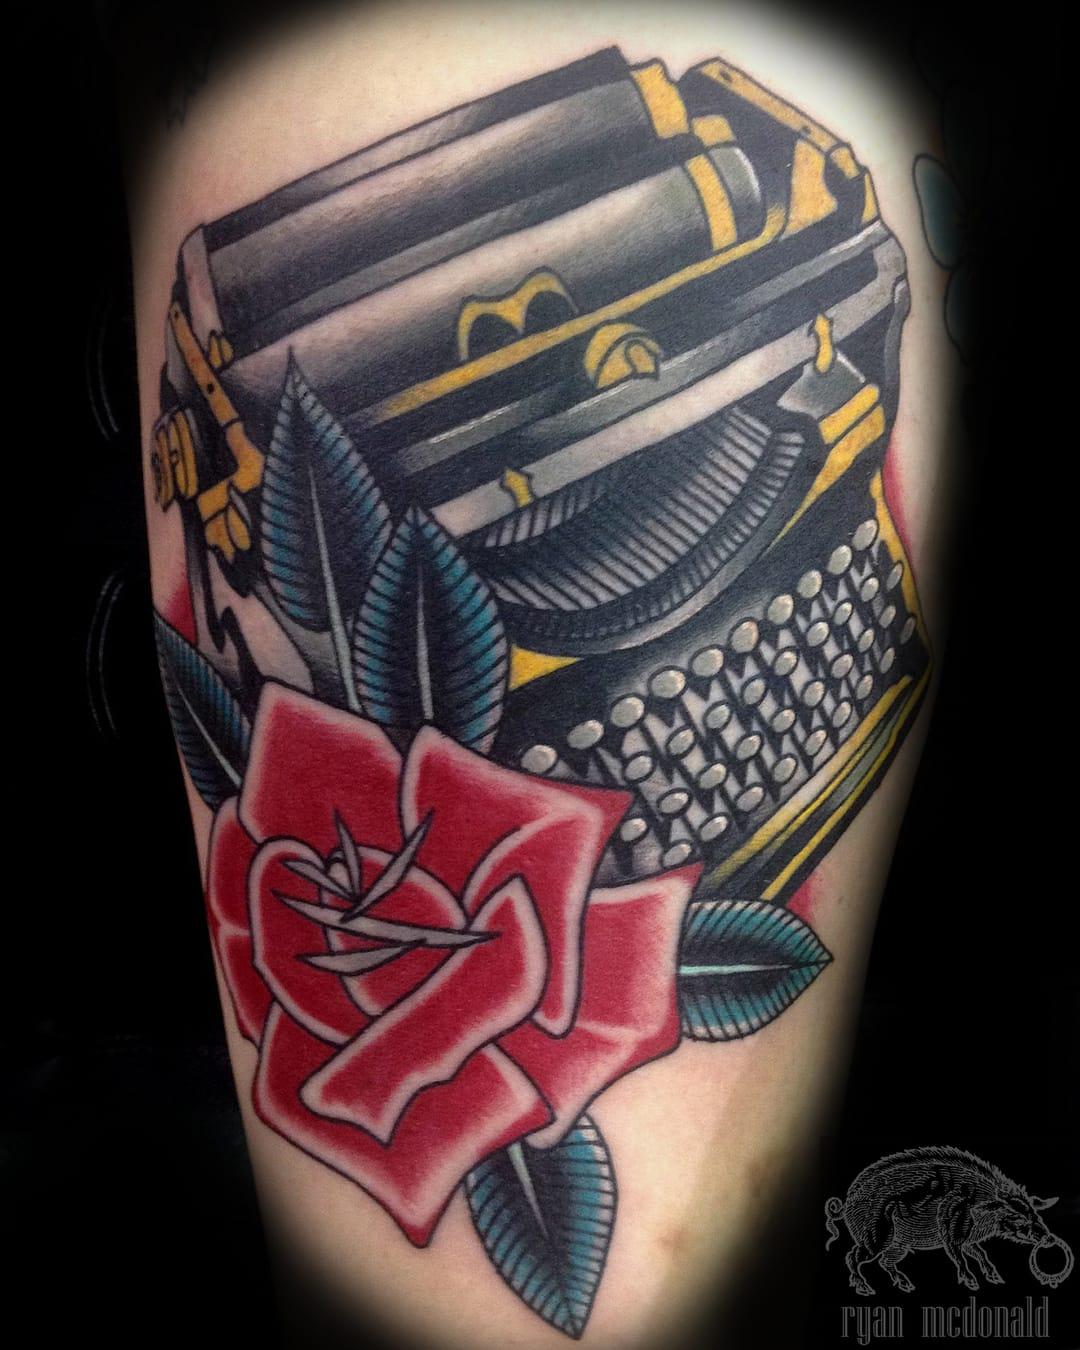 9 Awesome Traditional Typewriter Tattoos